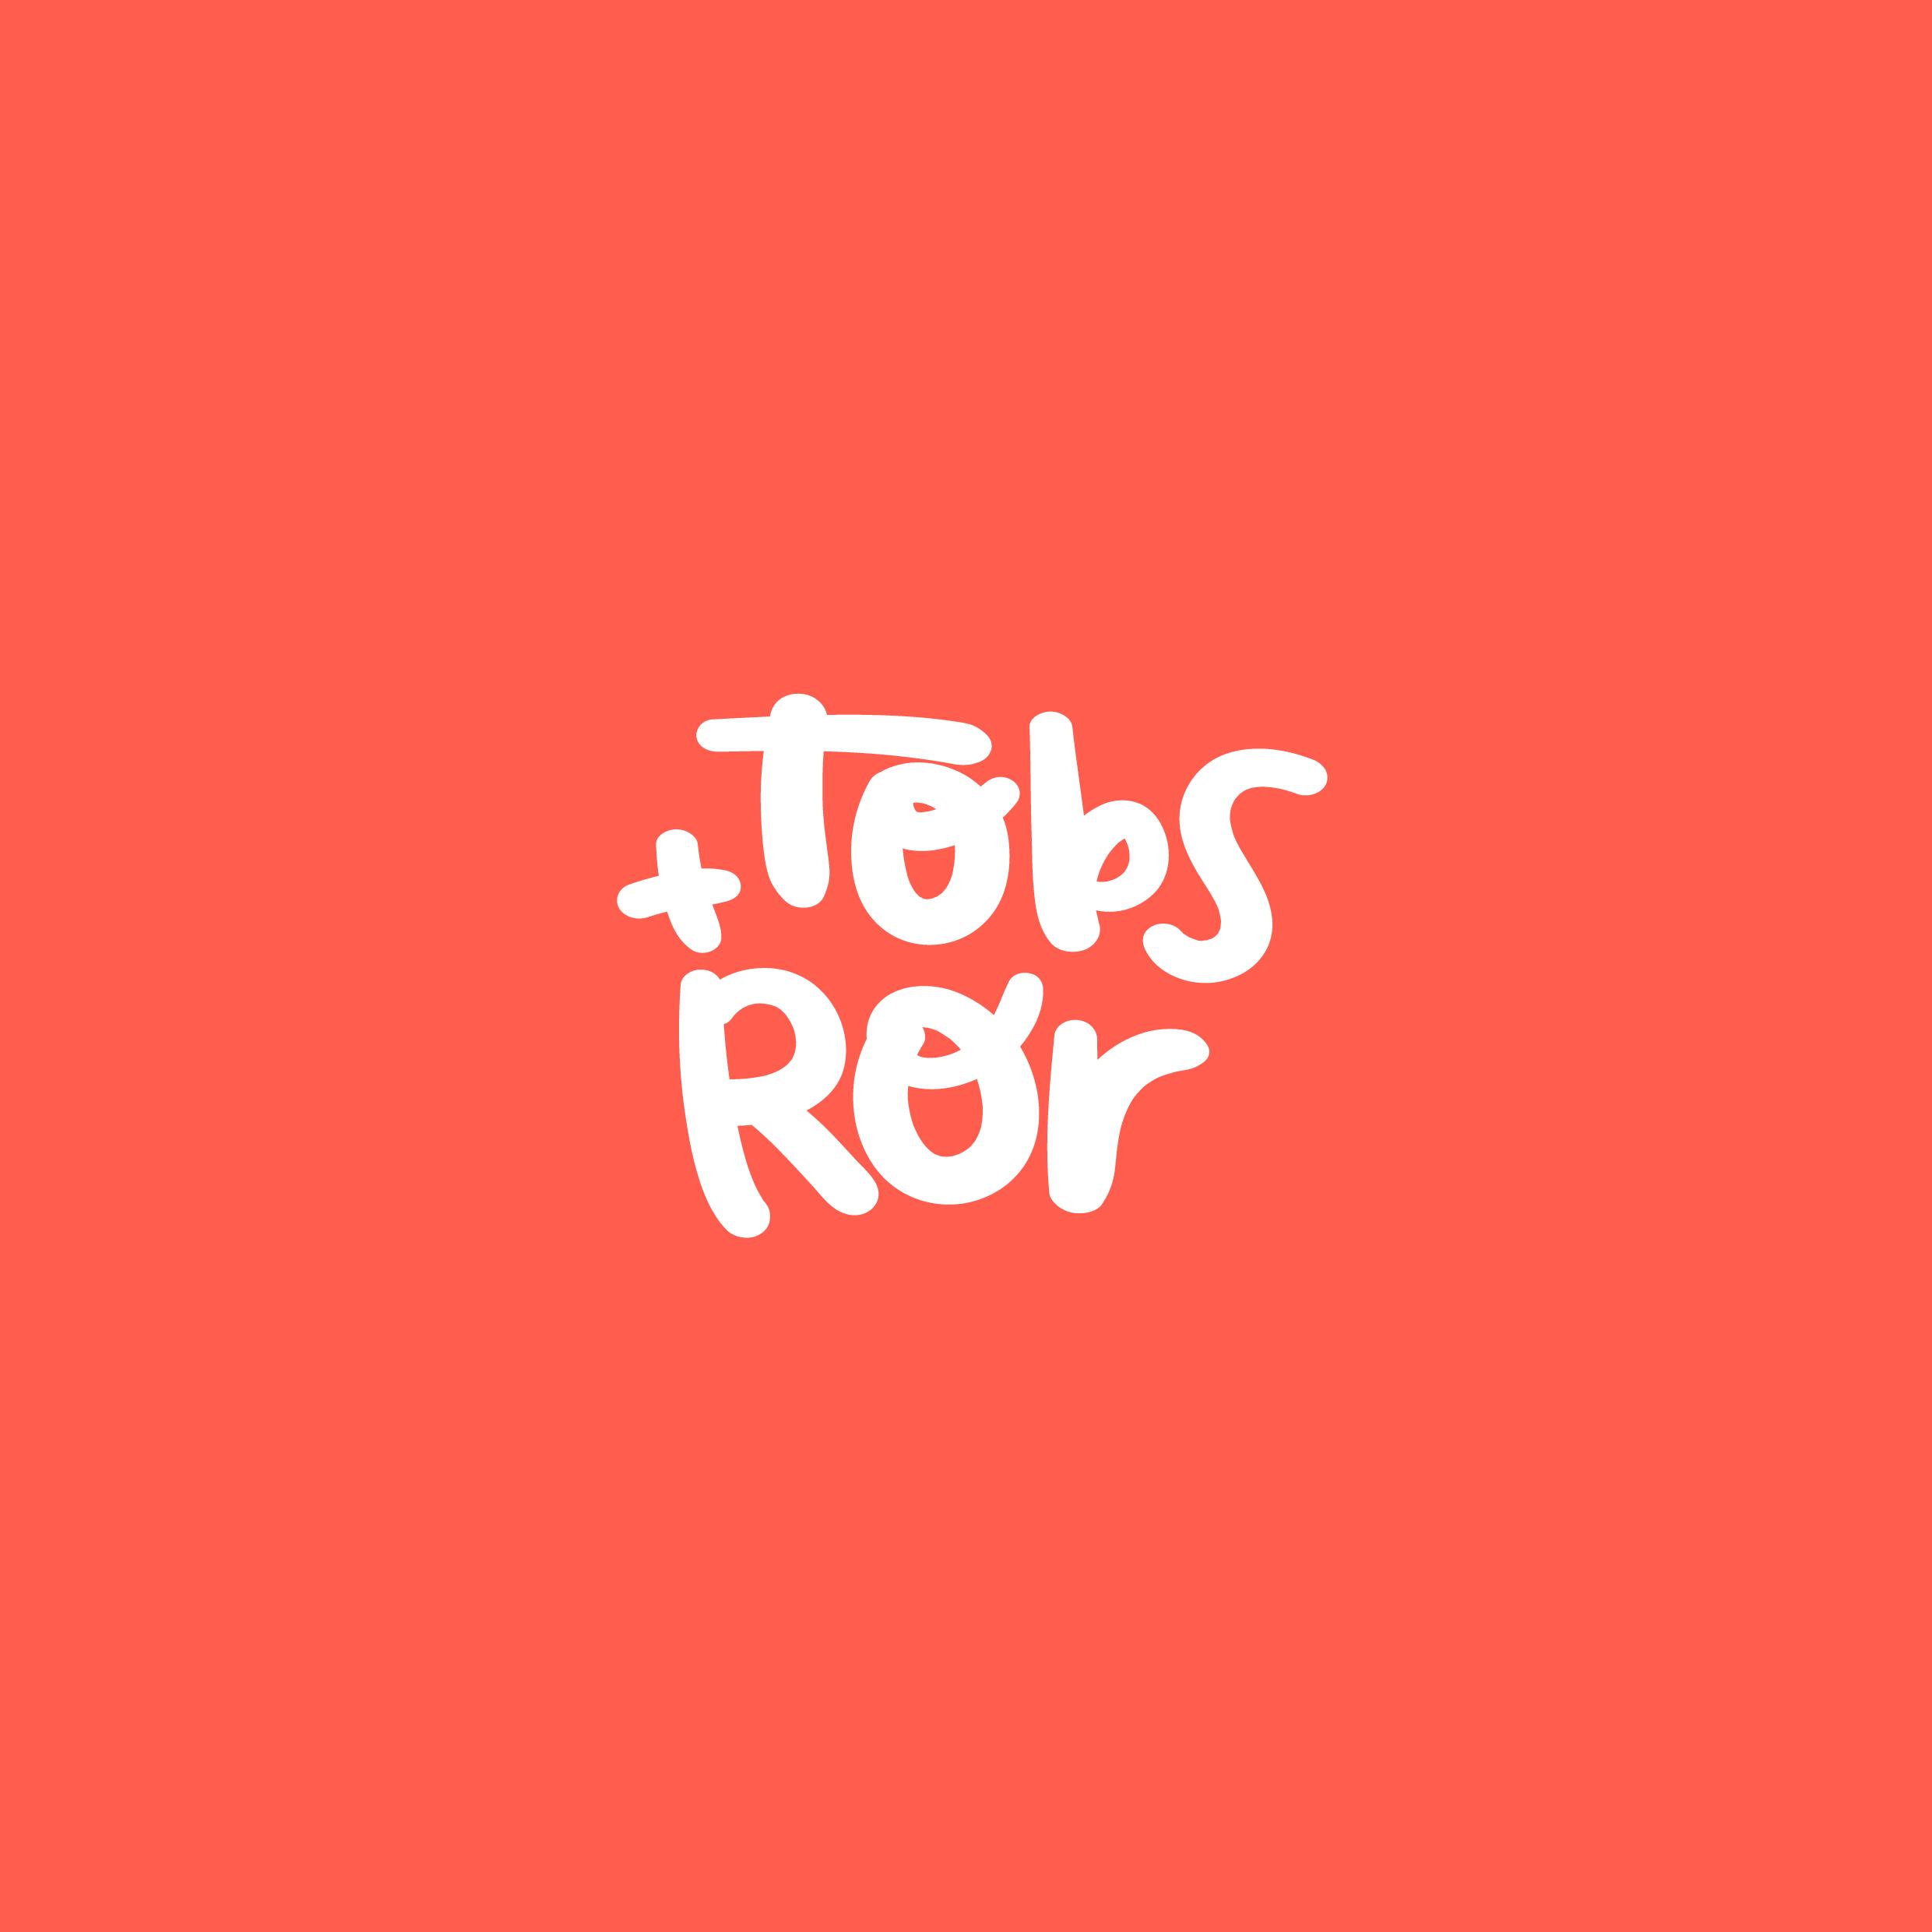 tobsandror-01.jpg